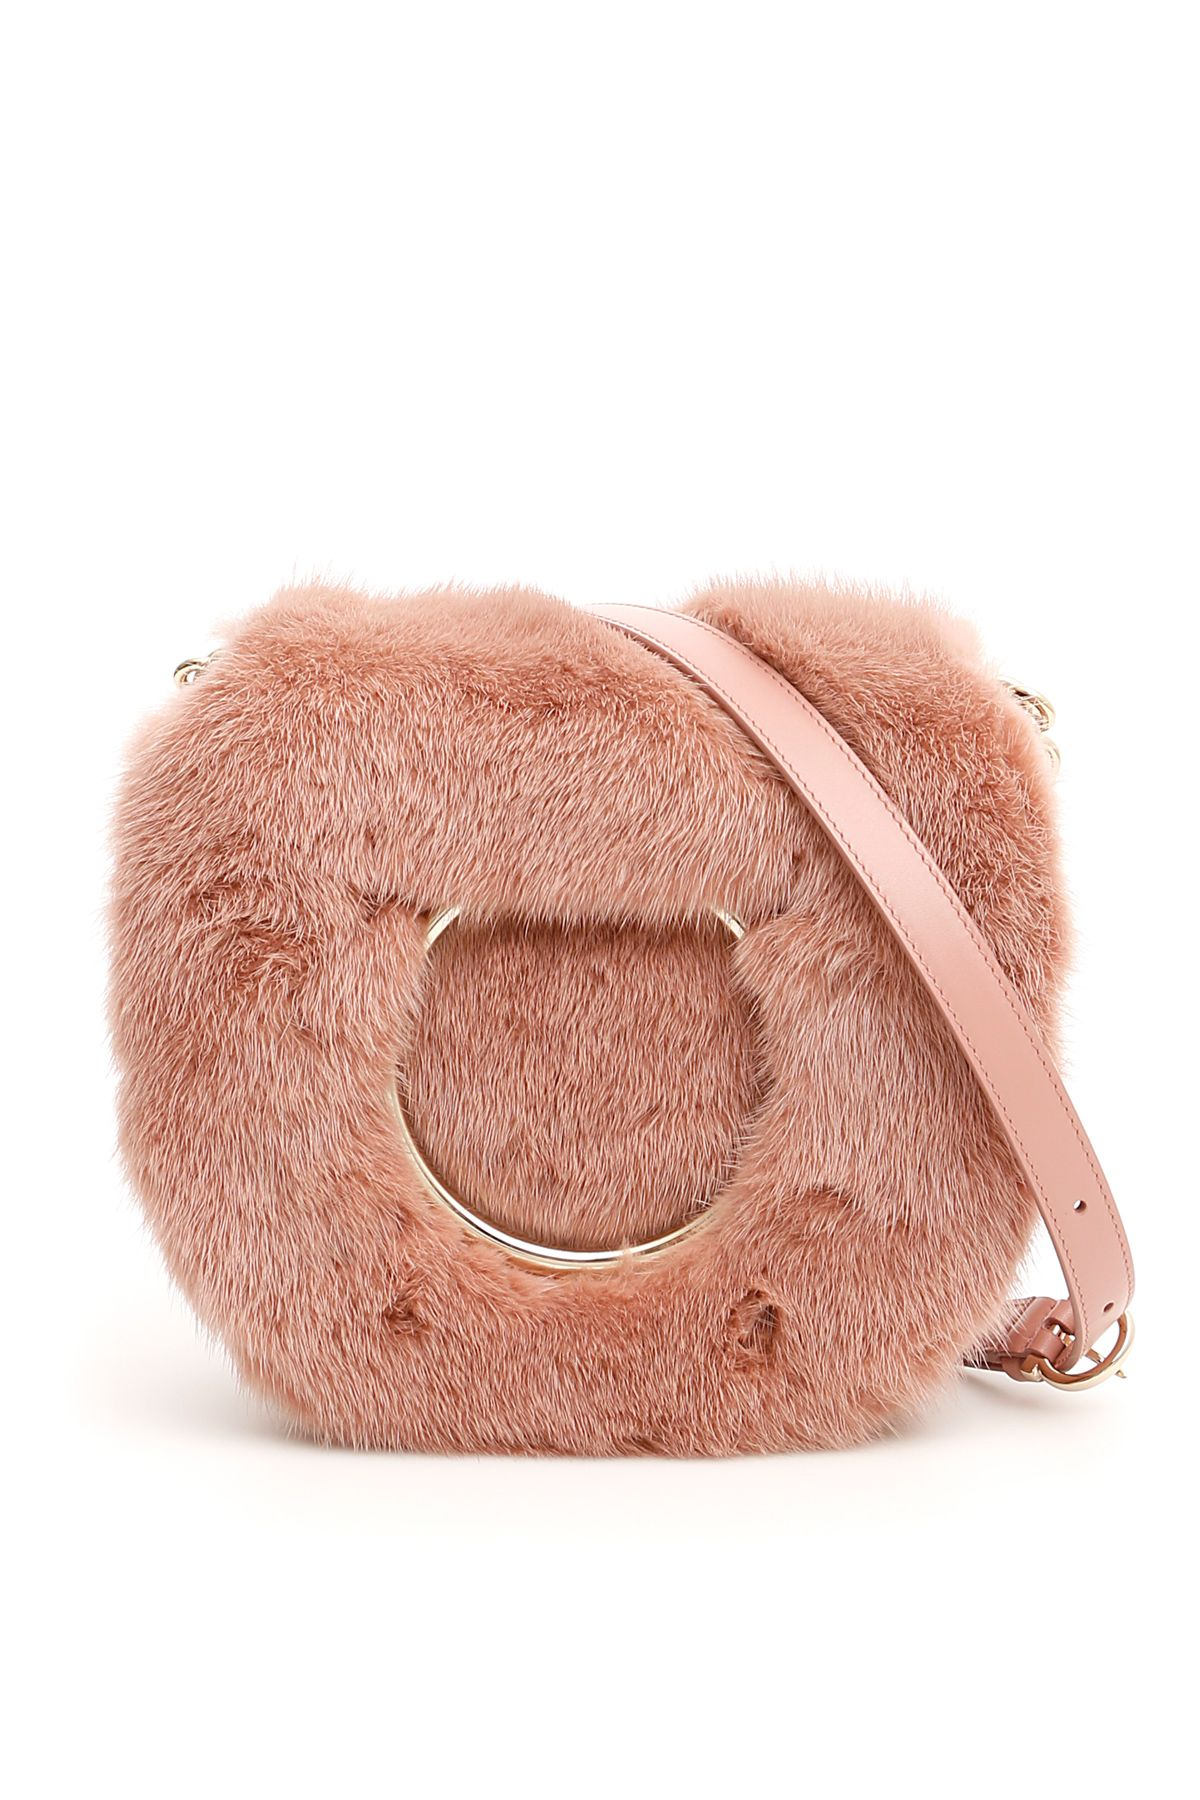 Salvatore Ferragamo Salvatore Ferragamo Bag With Mink Fur And Maxi ... 86ee6897a25e5